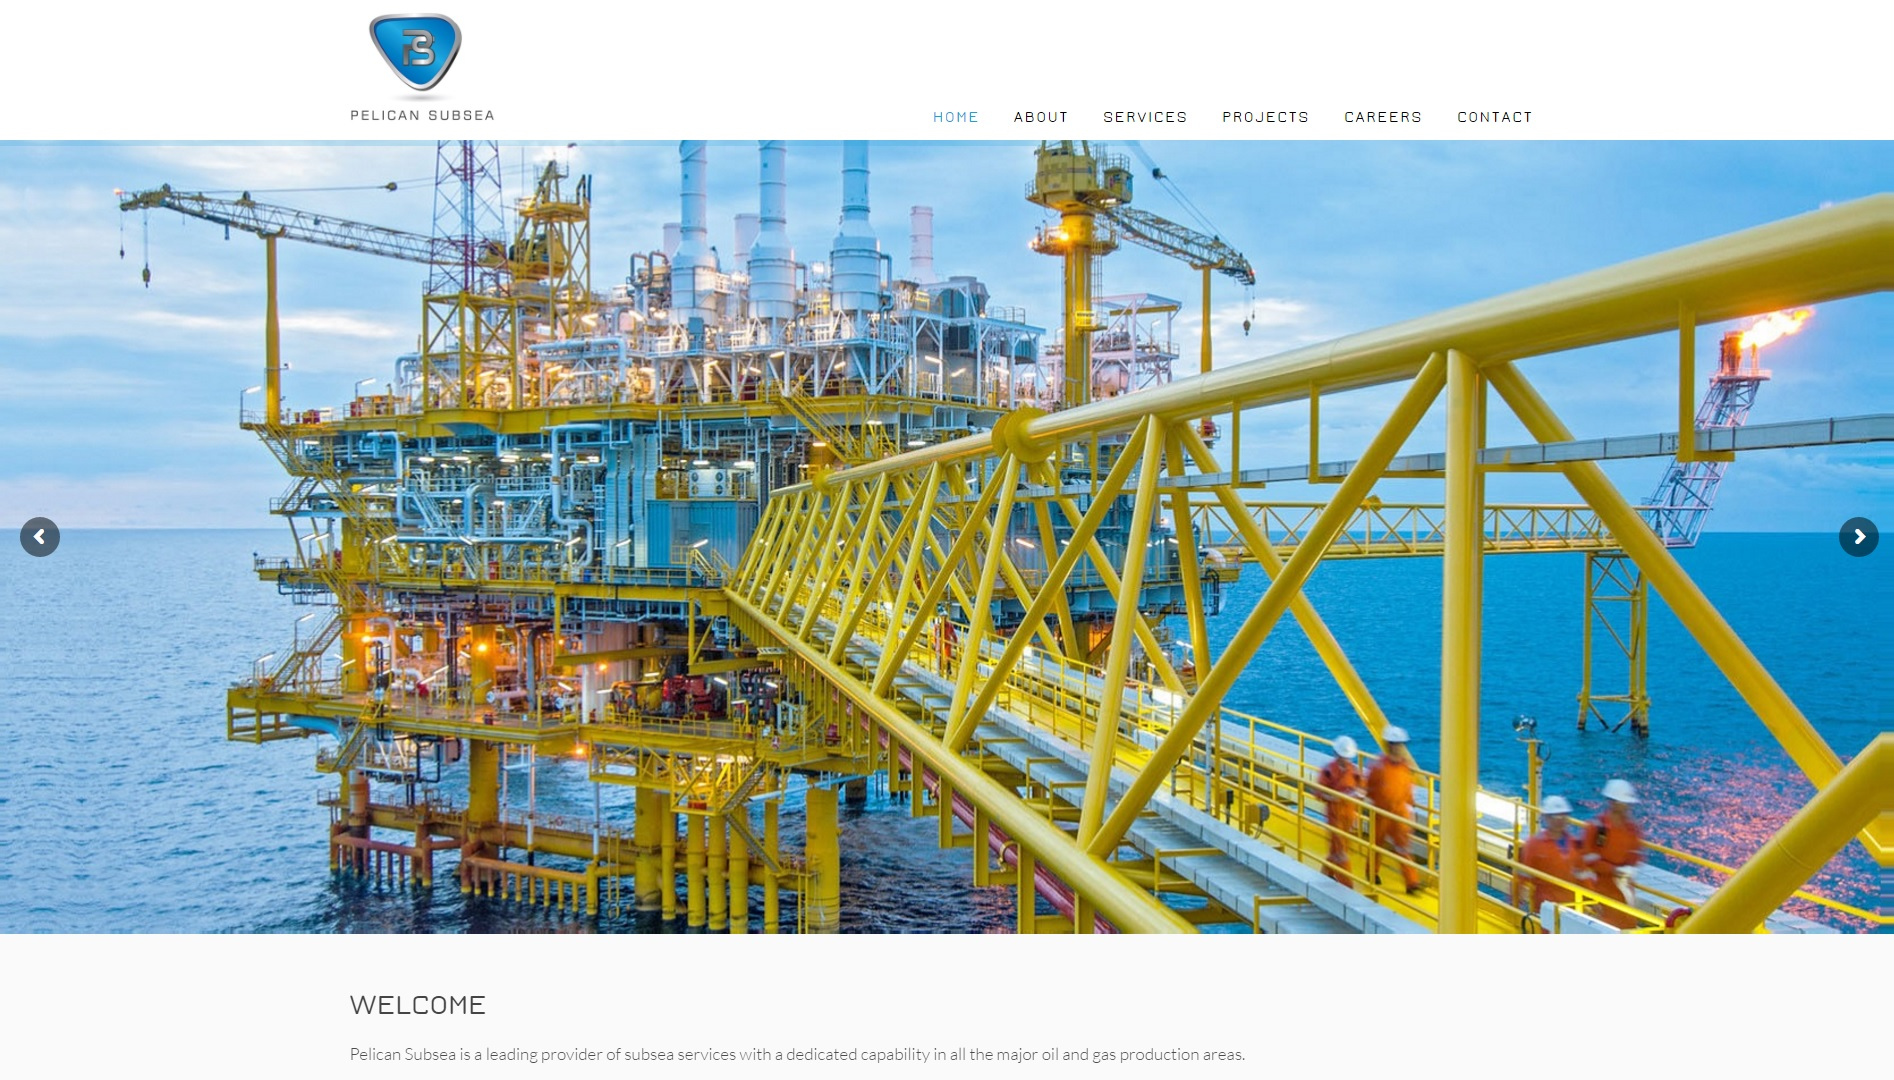 Pelican Subsea Website Design